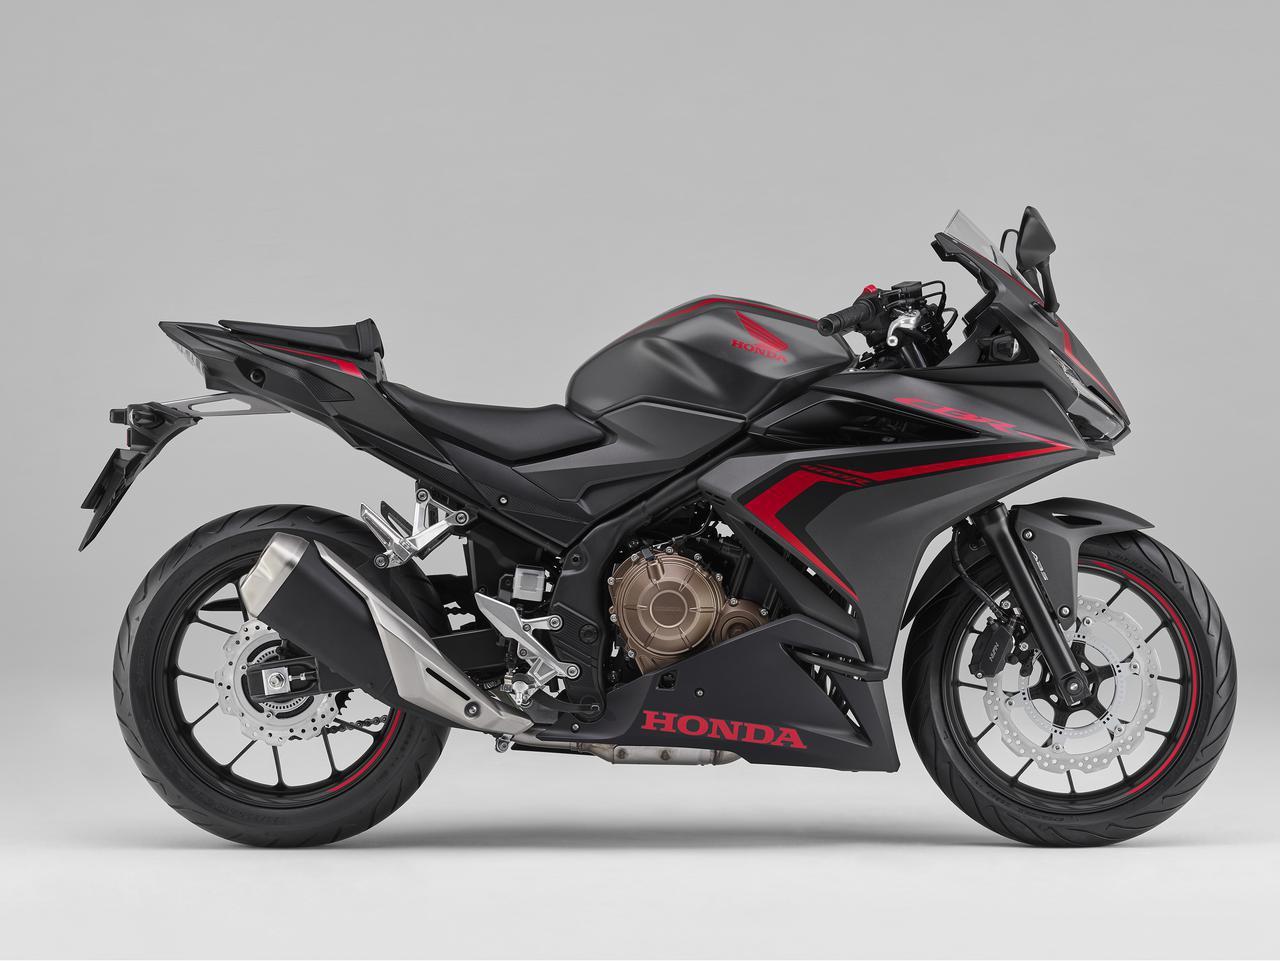 画像2: ホンダが「CBR400R」の2020年モデルを発売! RR-Rと共通のロゴデザインを採用、カラーバリエーションは3色!